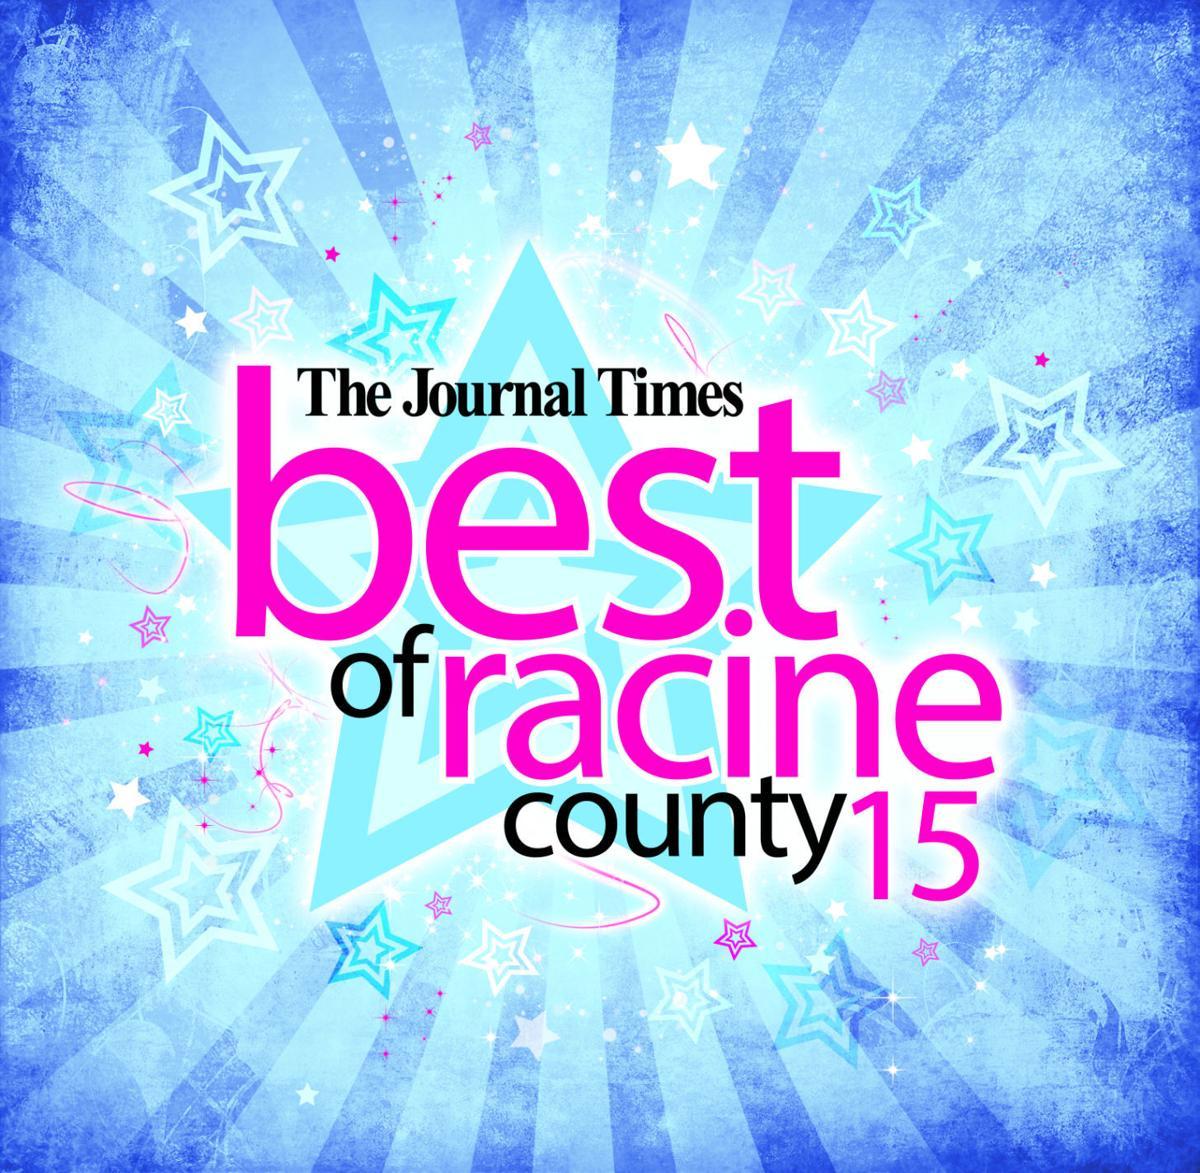 Best of Racine County 2015